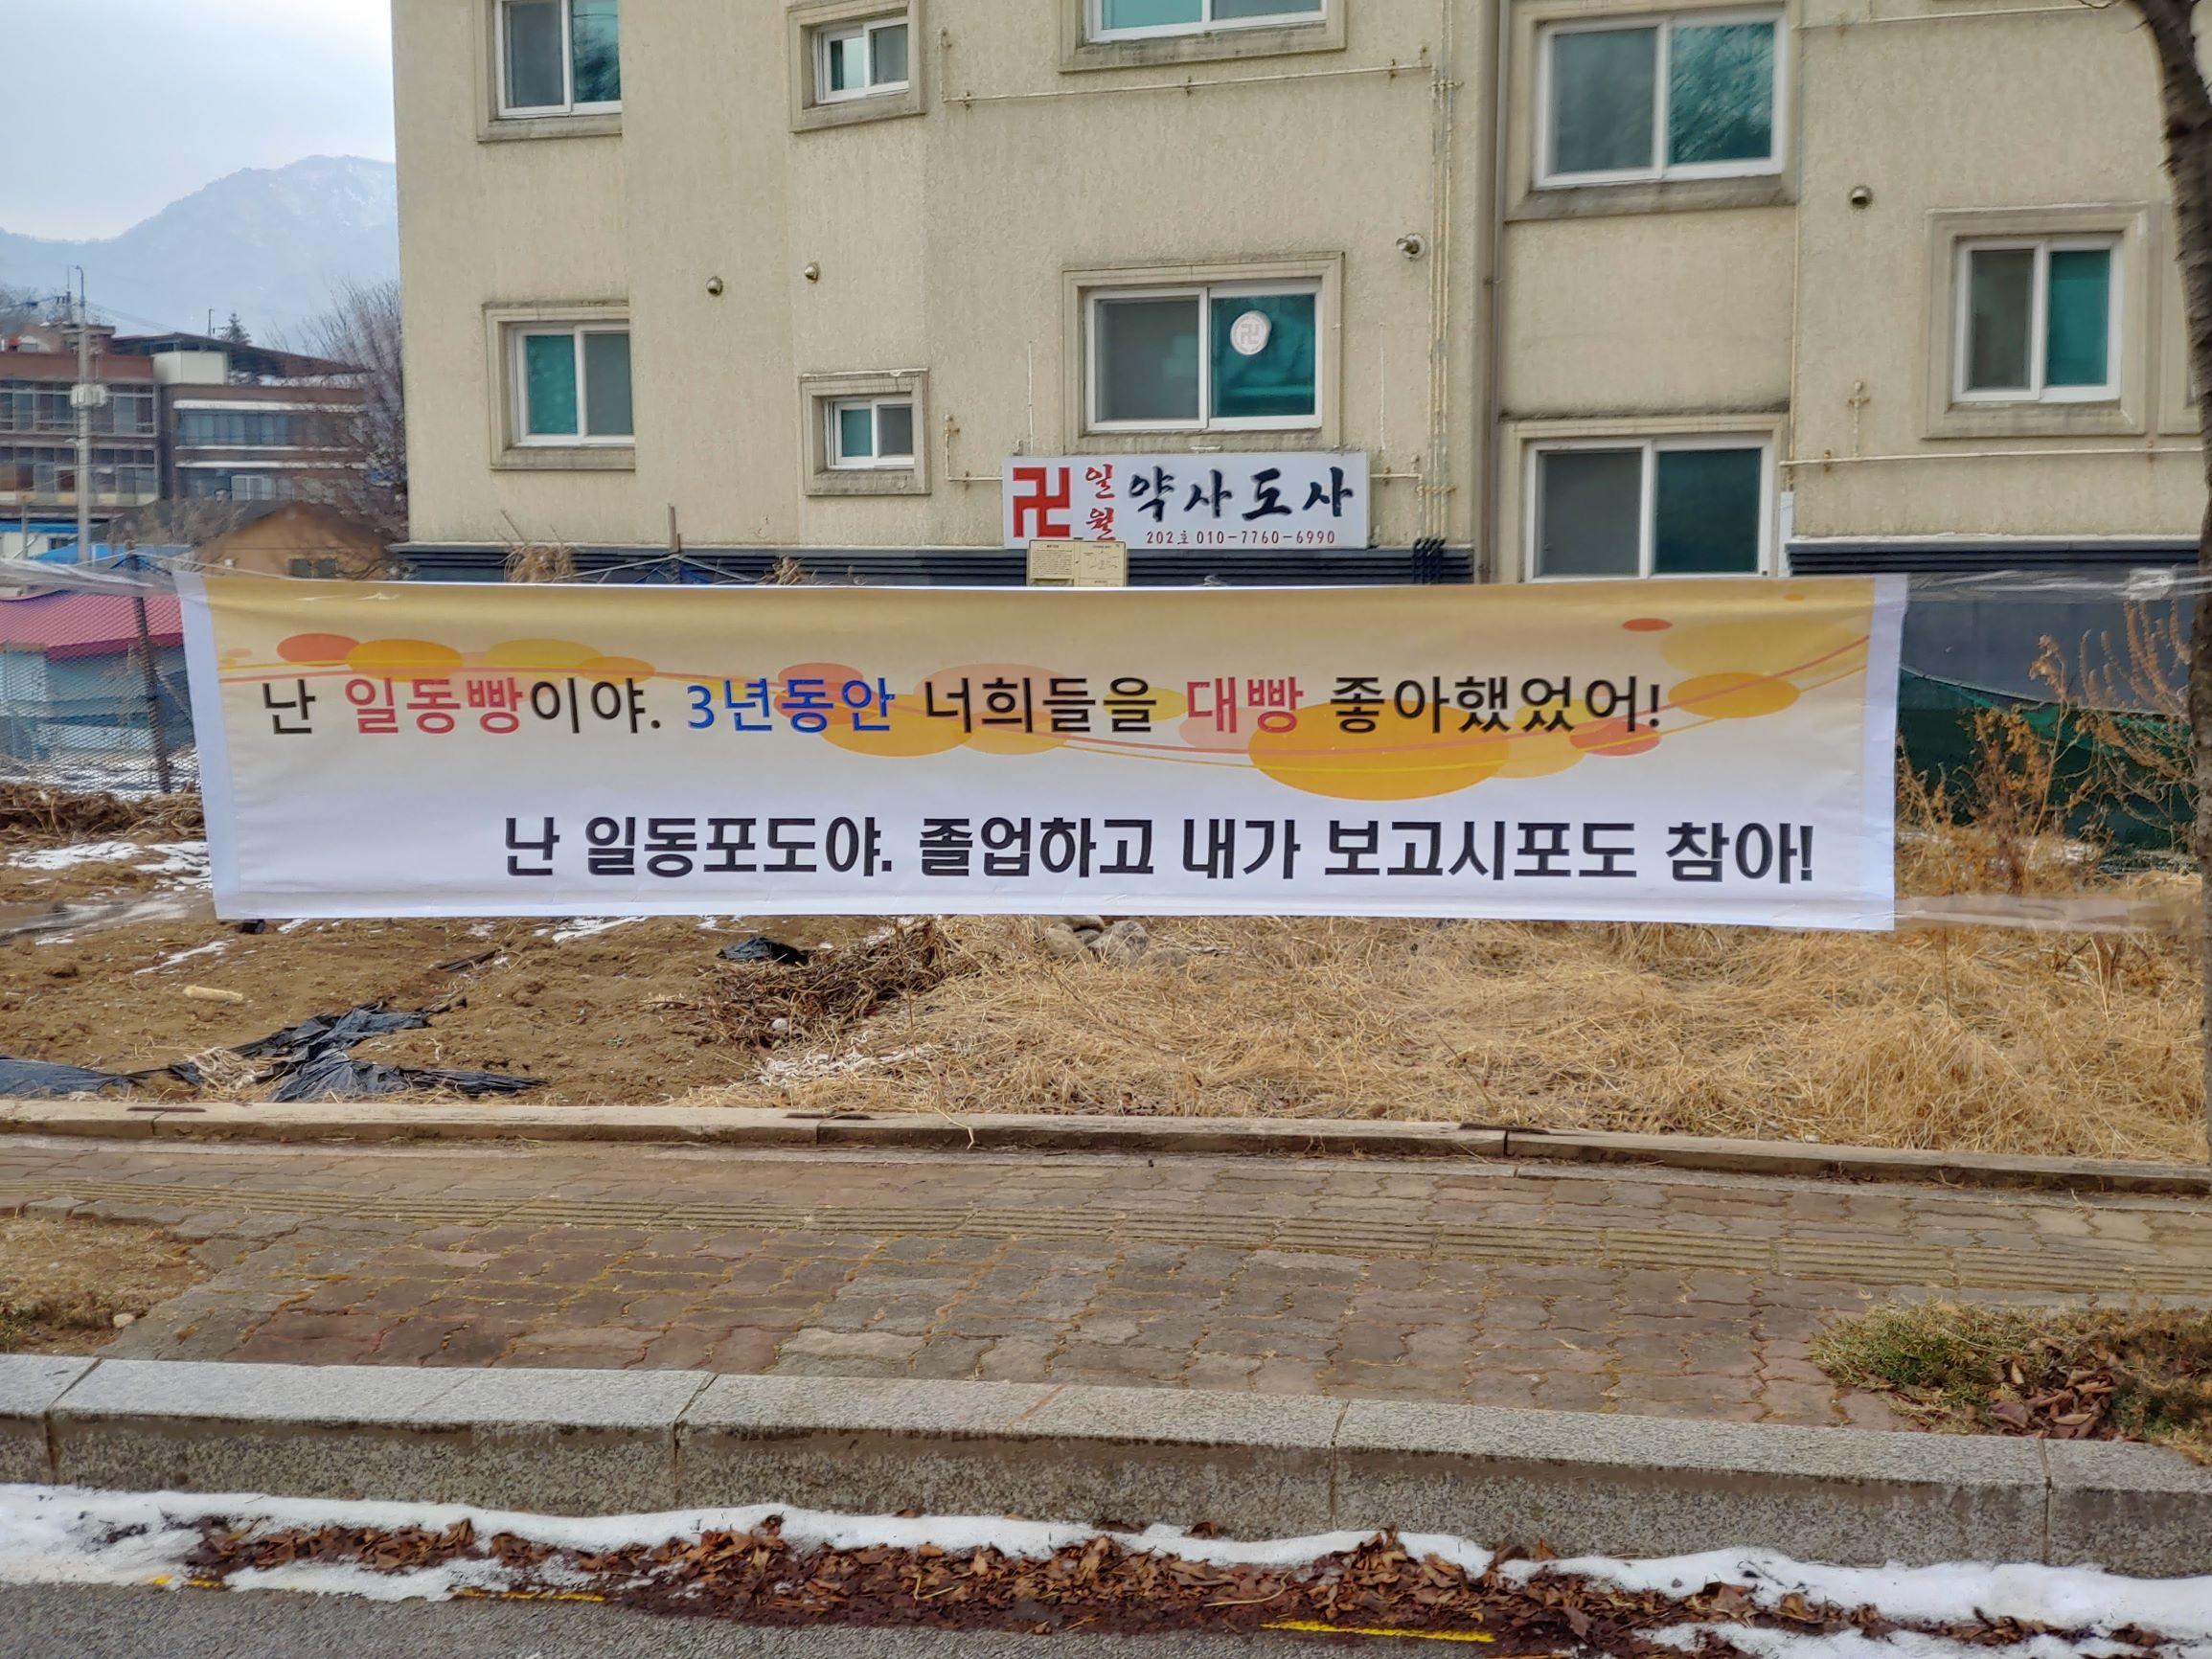 [일반] 2022학년도 제64회 졸업식의 첨부이미지 2